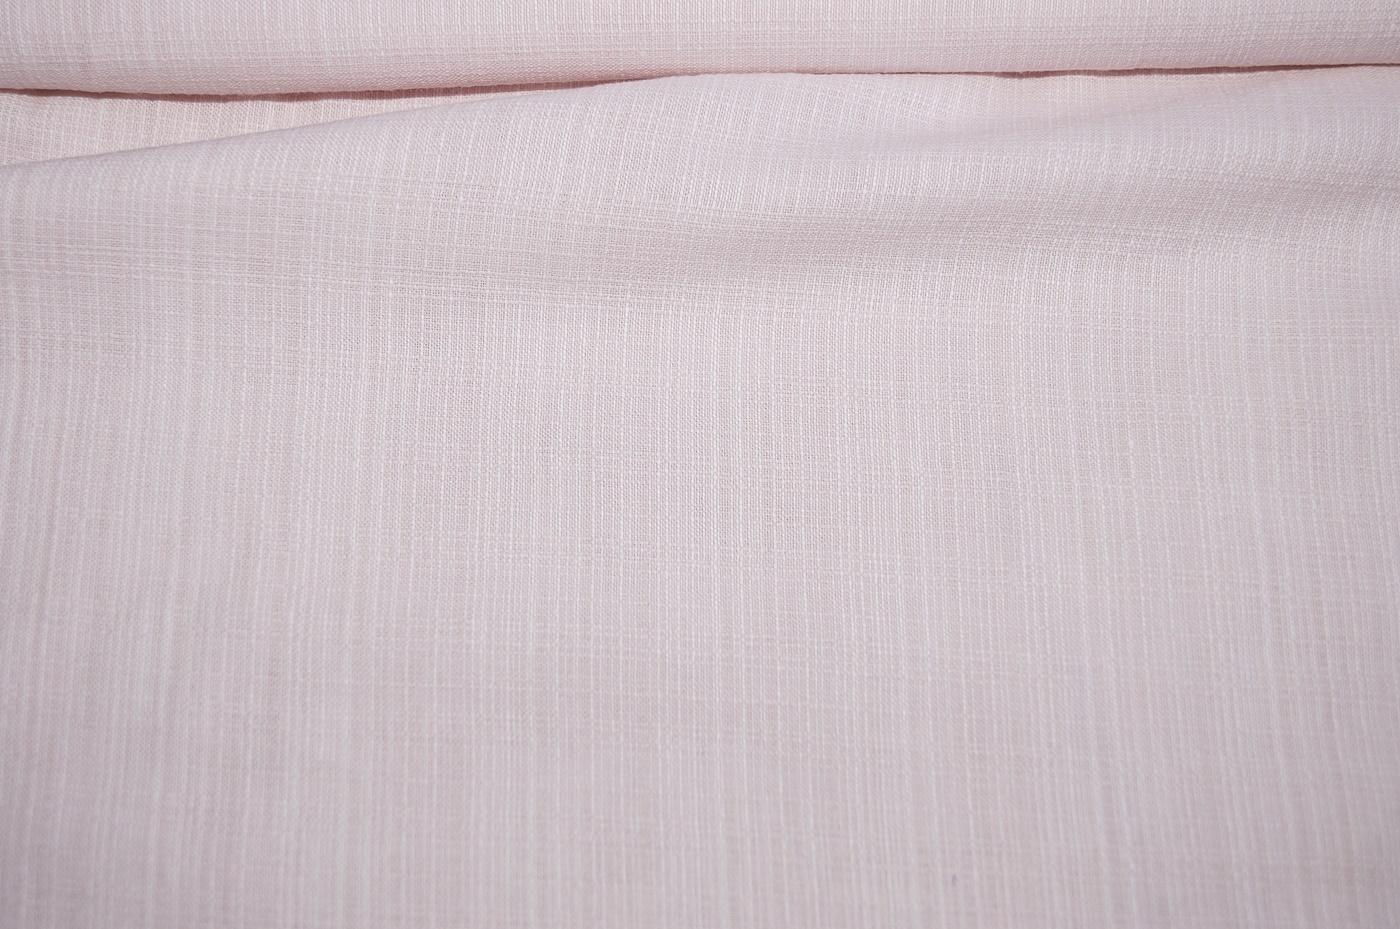 1 00m baumwolle kleiderstoff rosa strukturiert d nn durchsichtig 8 99 m 02126 ebay. Black Bedroom Furniture Sets. Home Design Ideas